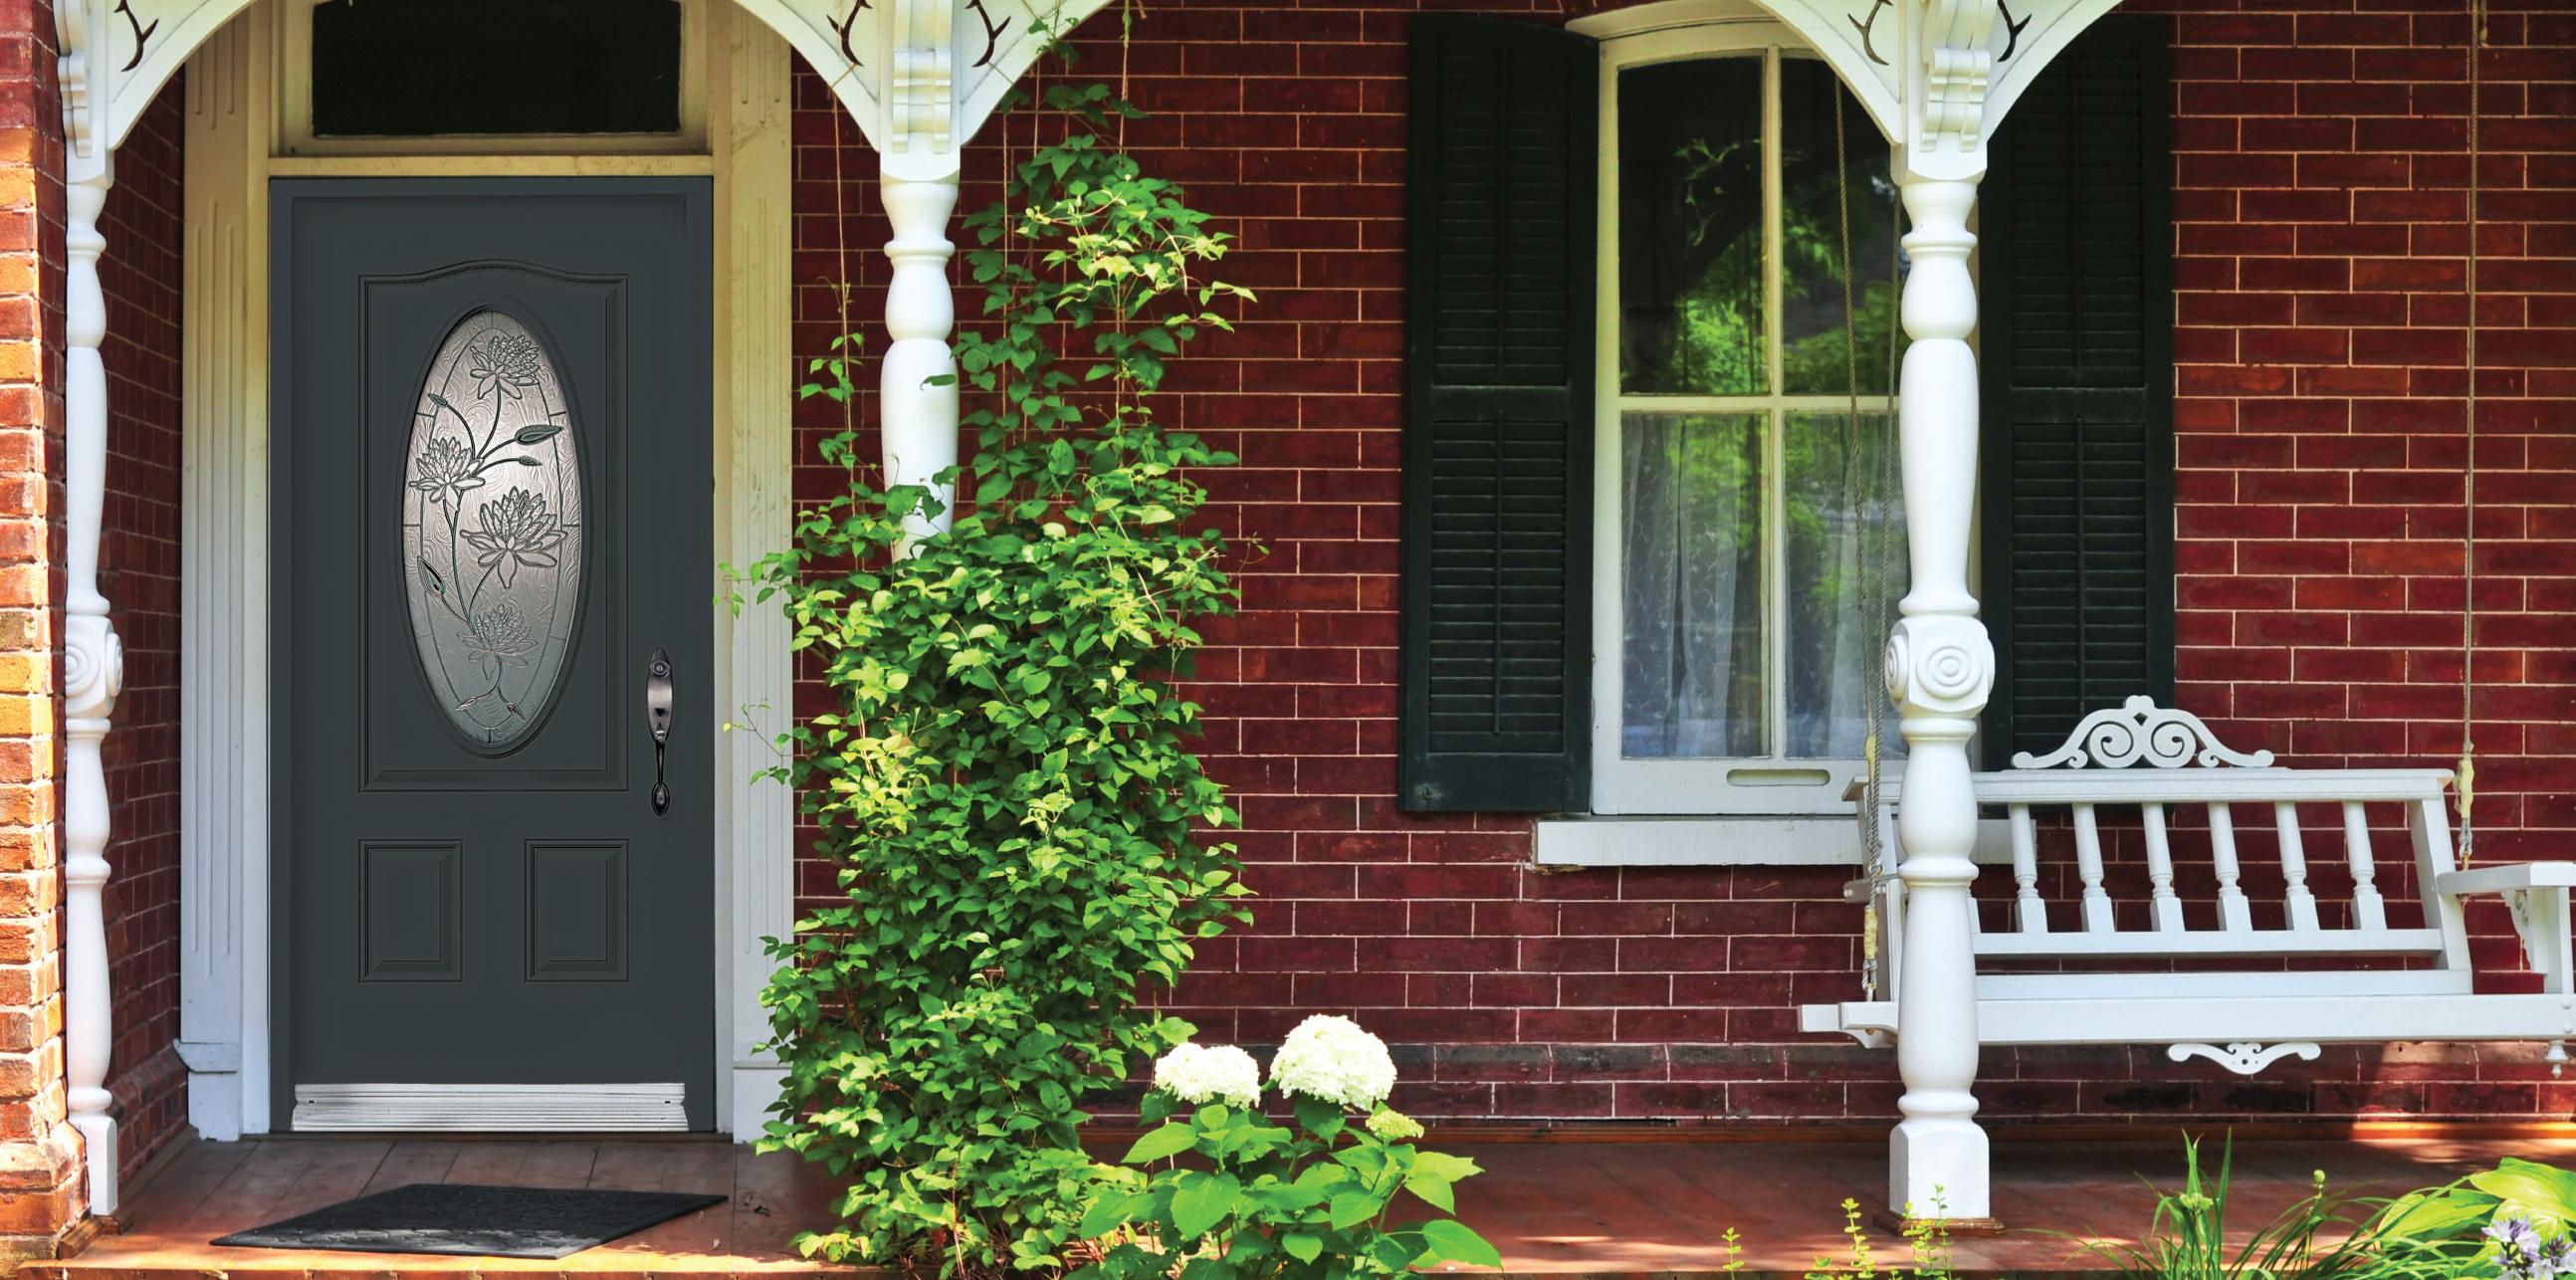 1286 #639536 Distinctive Secure Entry Doors. Maritime Door & Window image Secure Exterior Doors 39332588